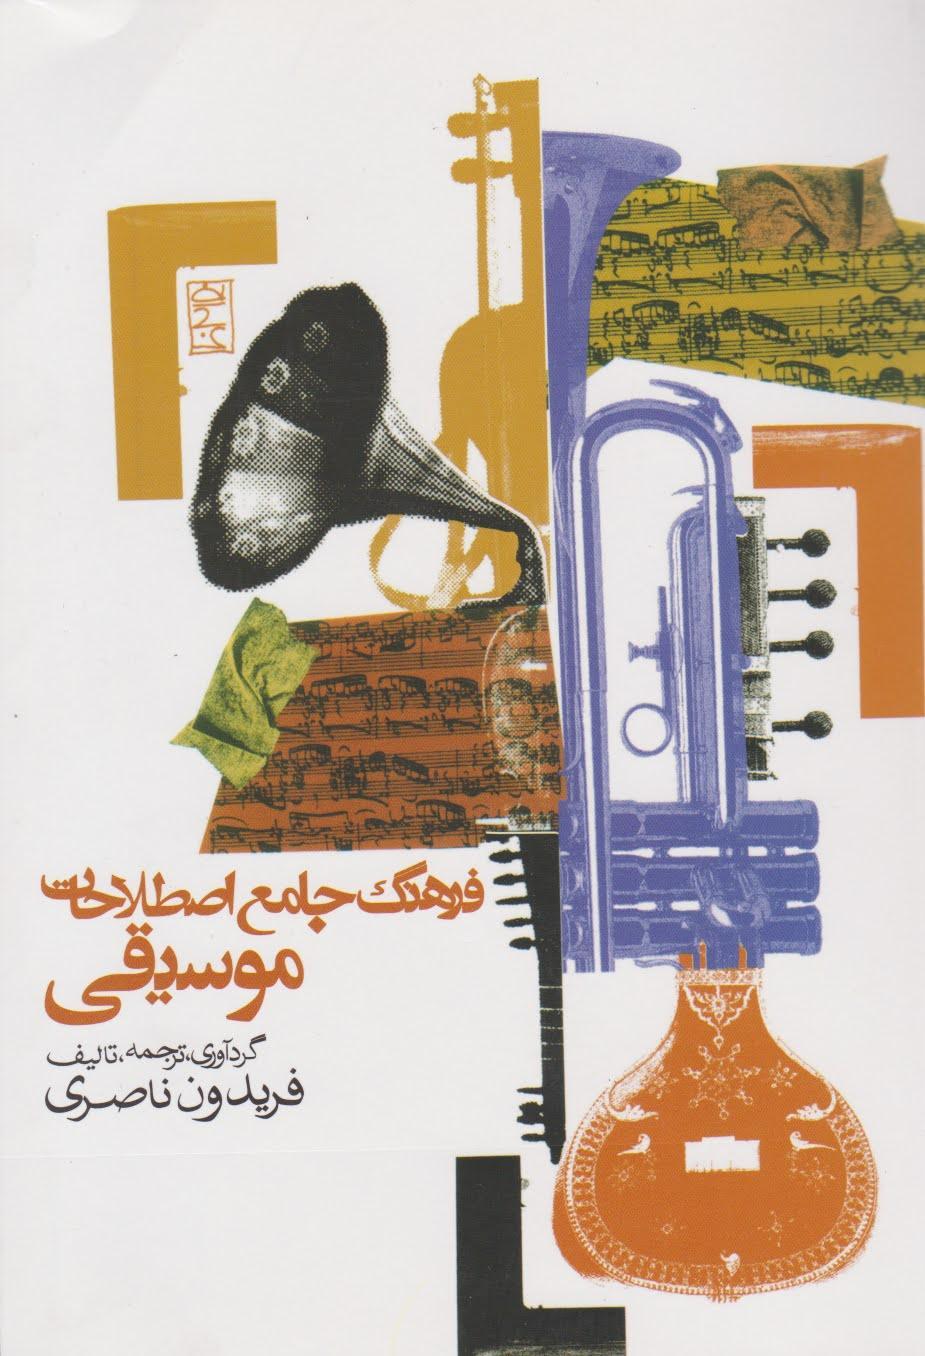 کتاب فرهنگ جامع اصطلاحات موسیقی فریدون ناصری انتشارات روزنه